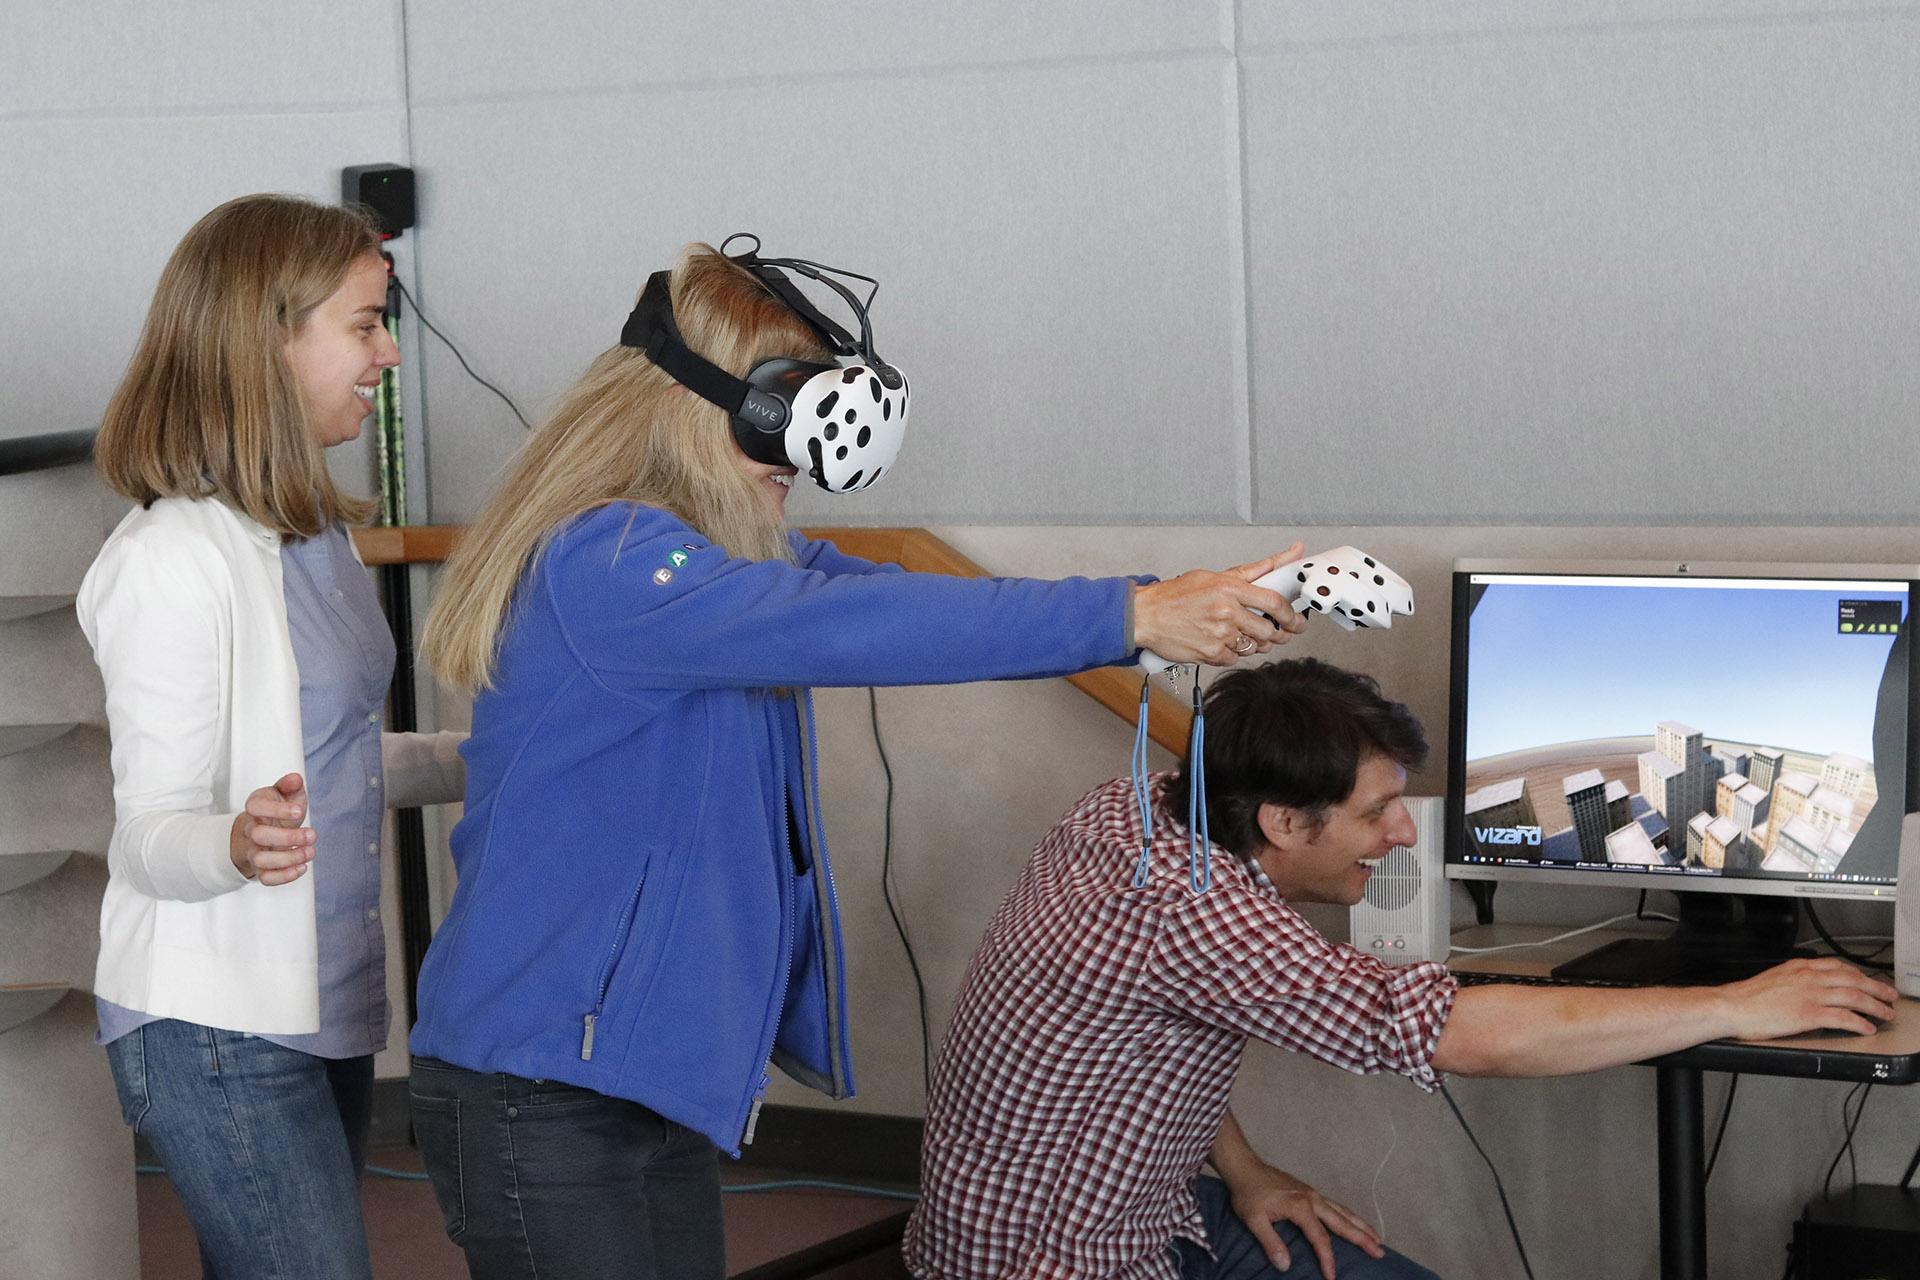 Géraldine Fauville guides Megan McCall through a Superhero VR simulation